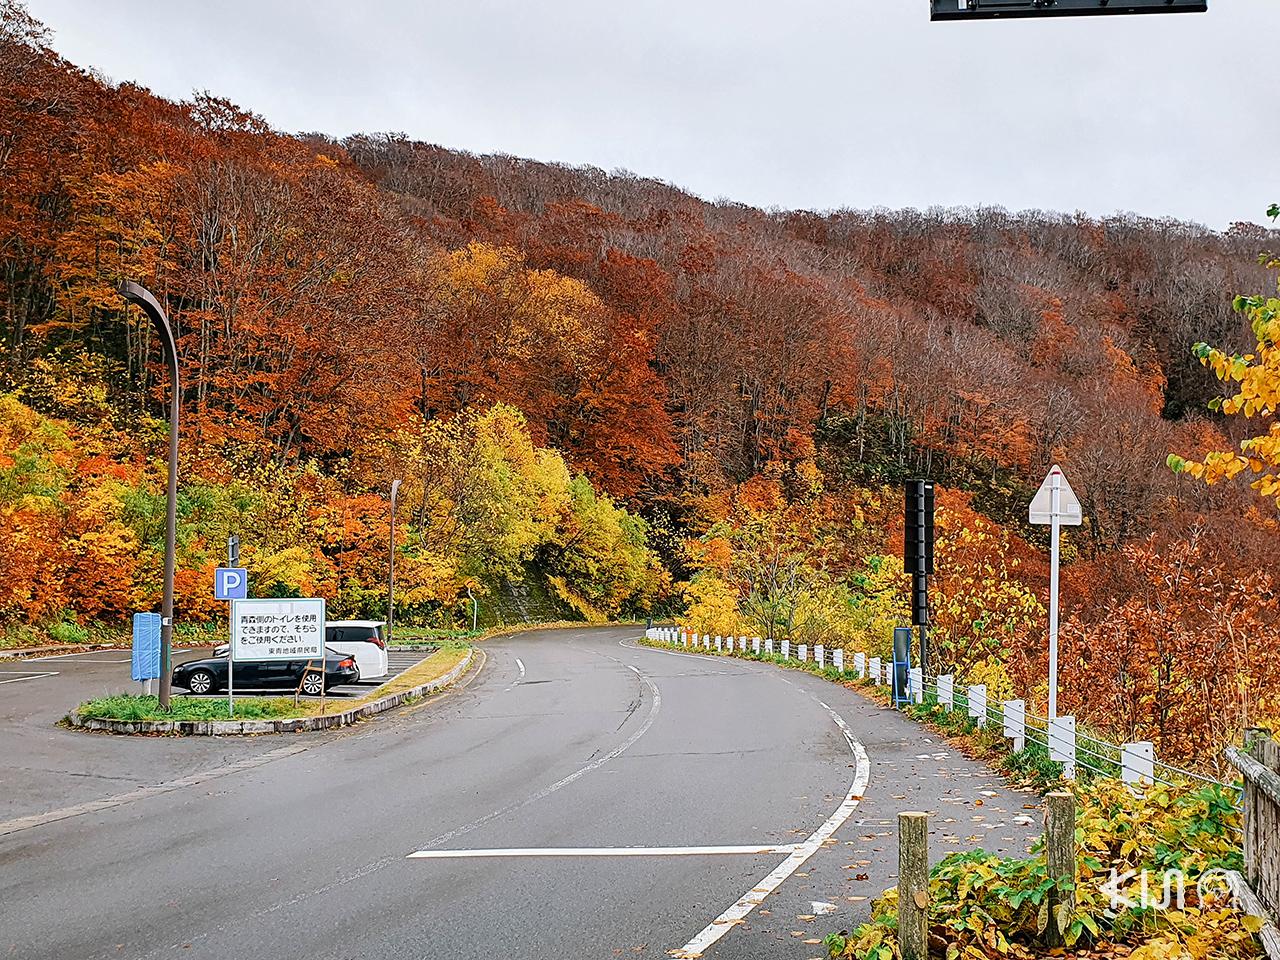 ตะลุยเที่ยว โทโฮคุ ในฤดู ใบไม้เปลี่ยนสี